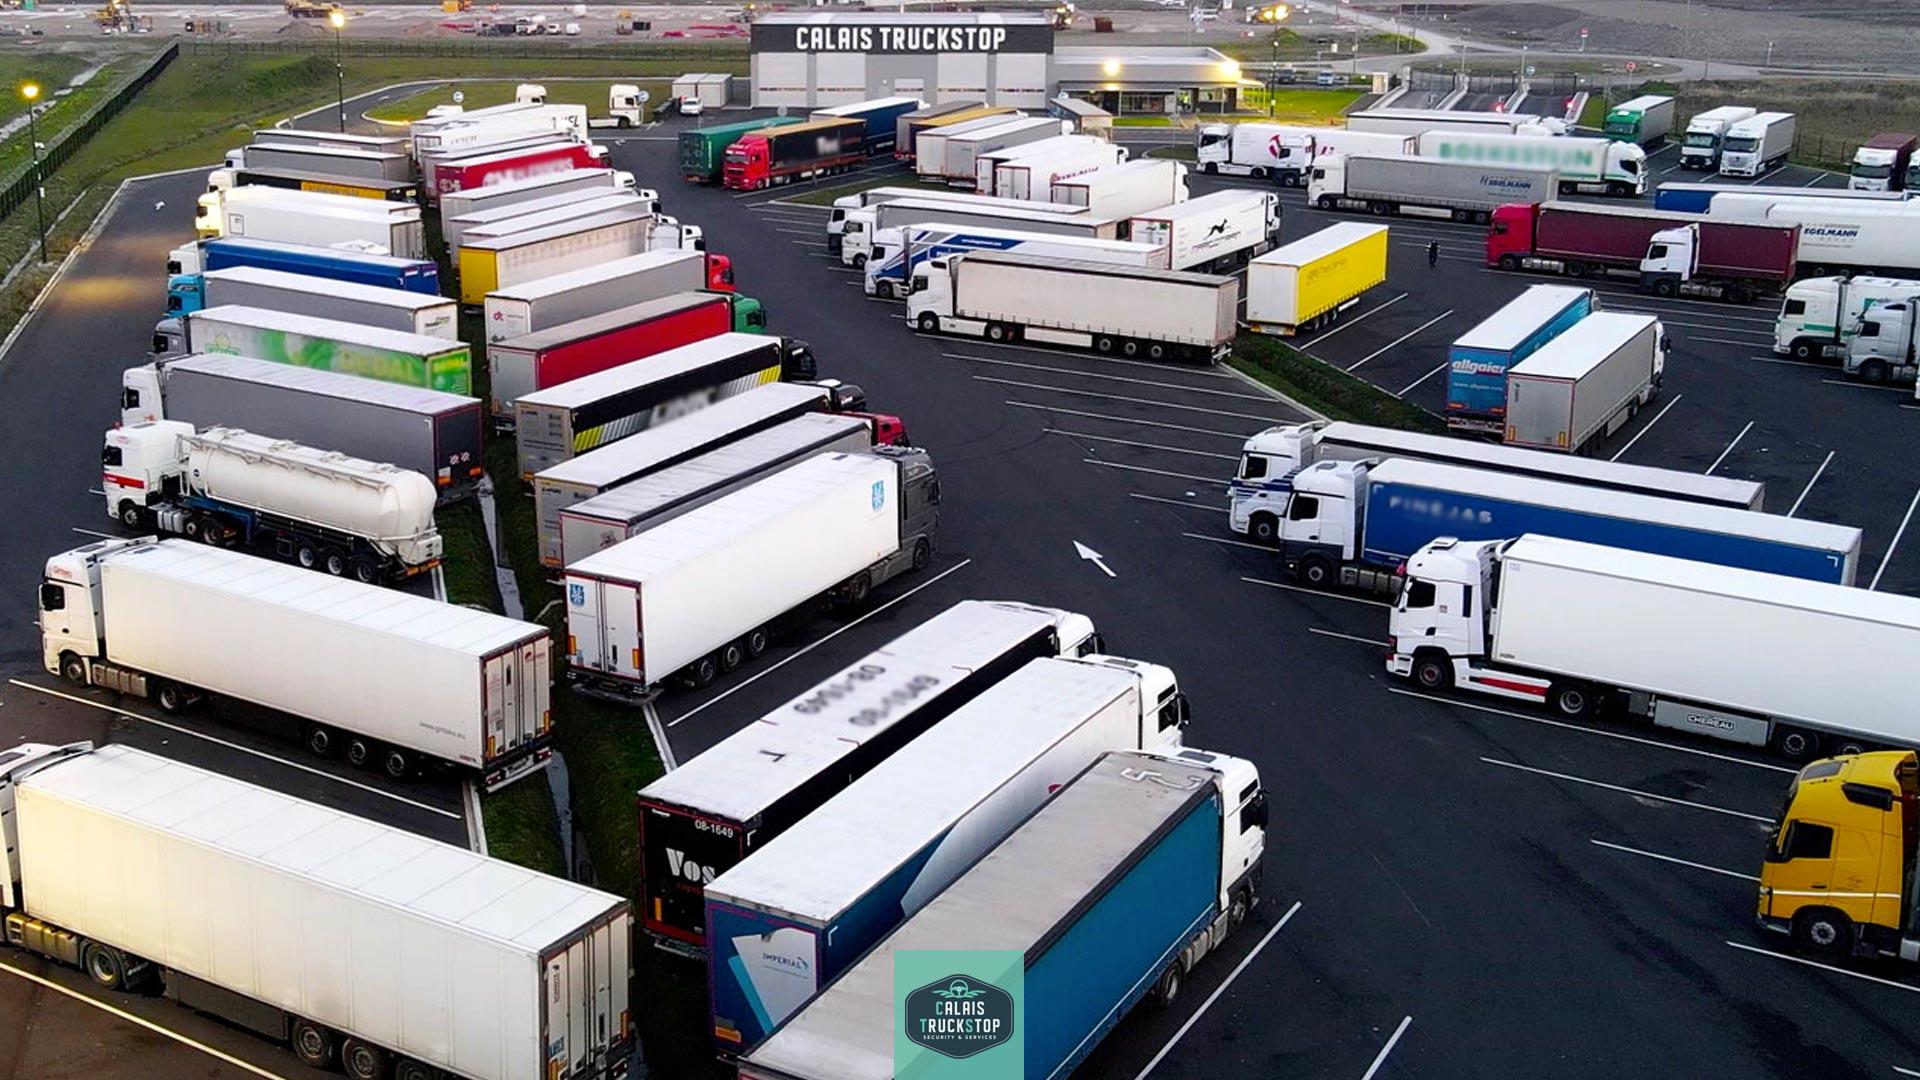 Notre objectif : fournir à vos conducteurs routiers et à leur chargement un parking sécurisé